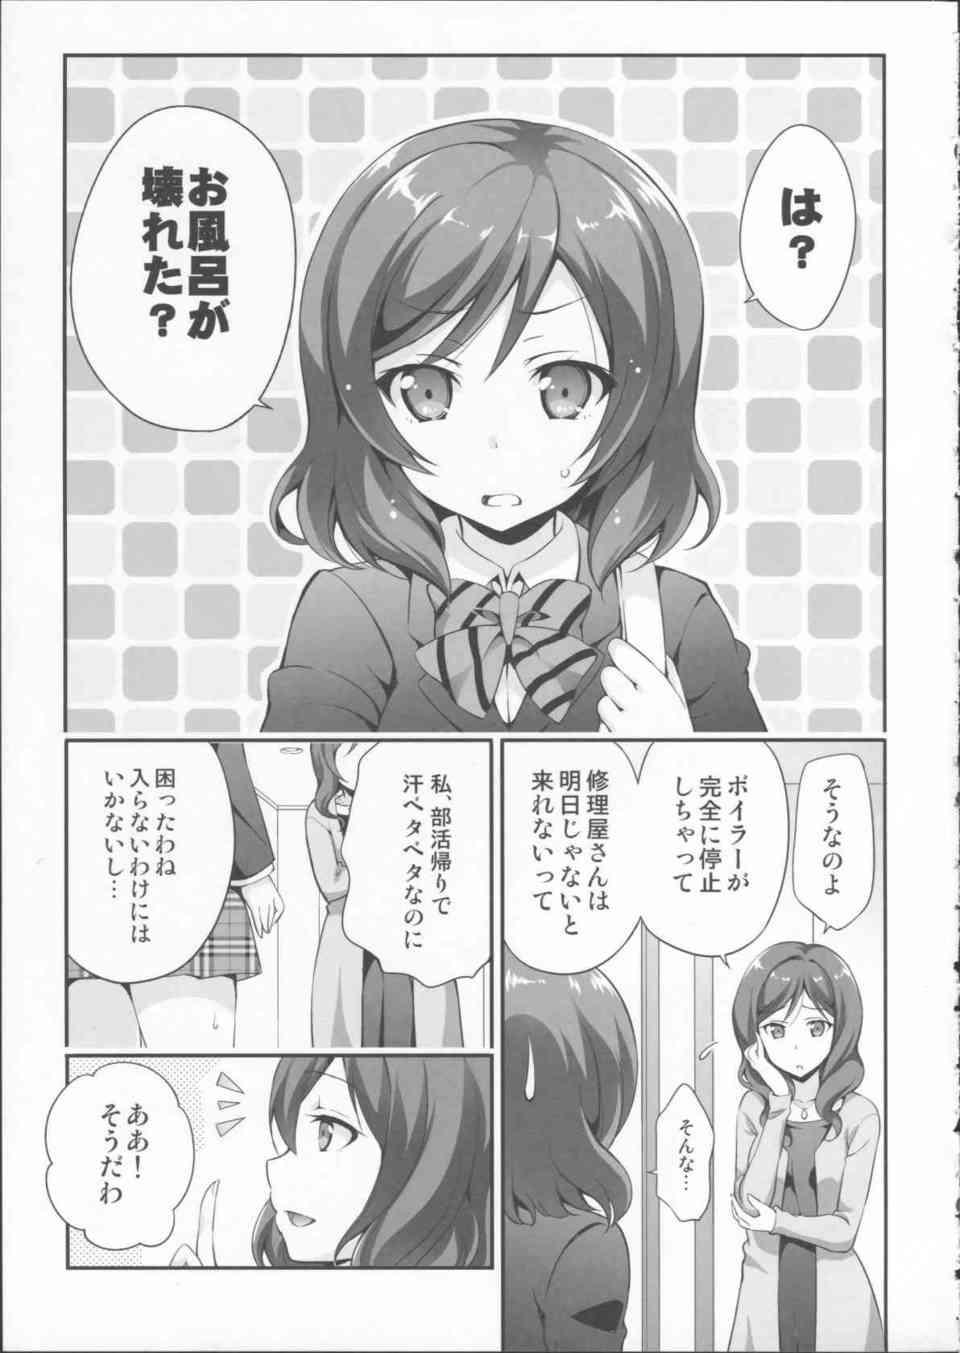 [ラブライブの同人誌]西木野真姫は初めて訪れた銭湯の作法をにこに教えてもらいます!矢澤家の妹達と一緒に洗いっこして楽しい時間を過ごし…003